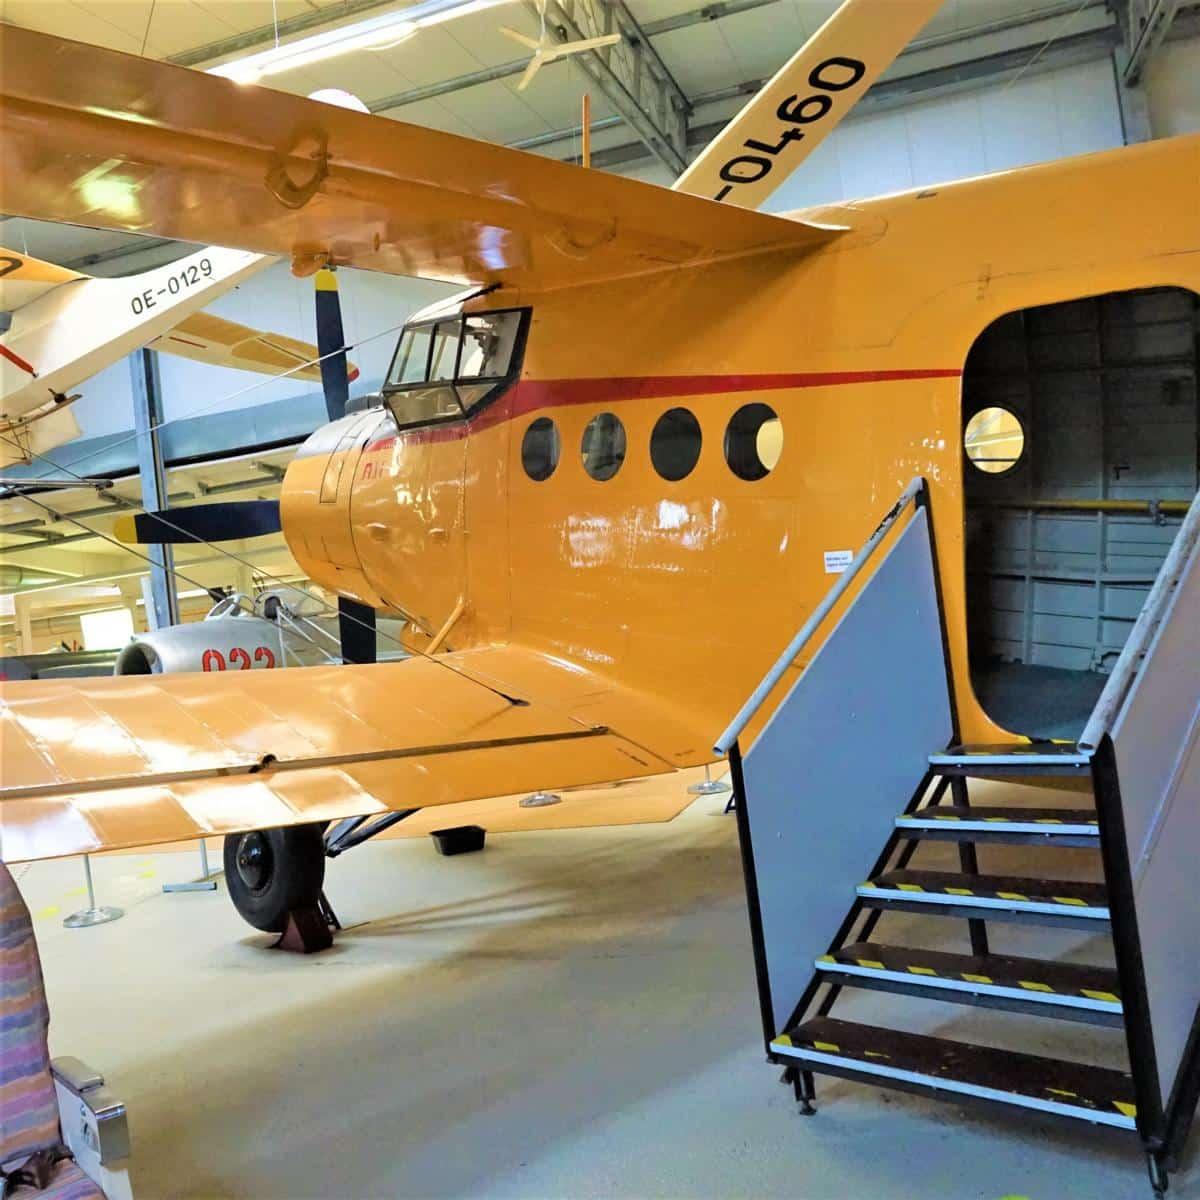 Style Hannover Luftfahrtmuseum Laatzen 3 - Luftfahrtmuseum Laatzen – ein Traum für jeden Luftfahrtinteressierten